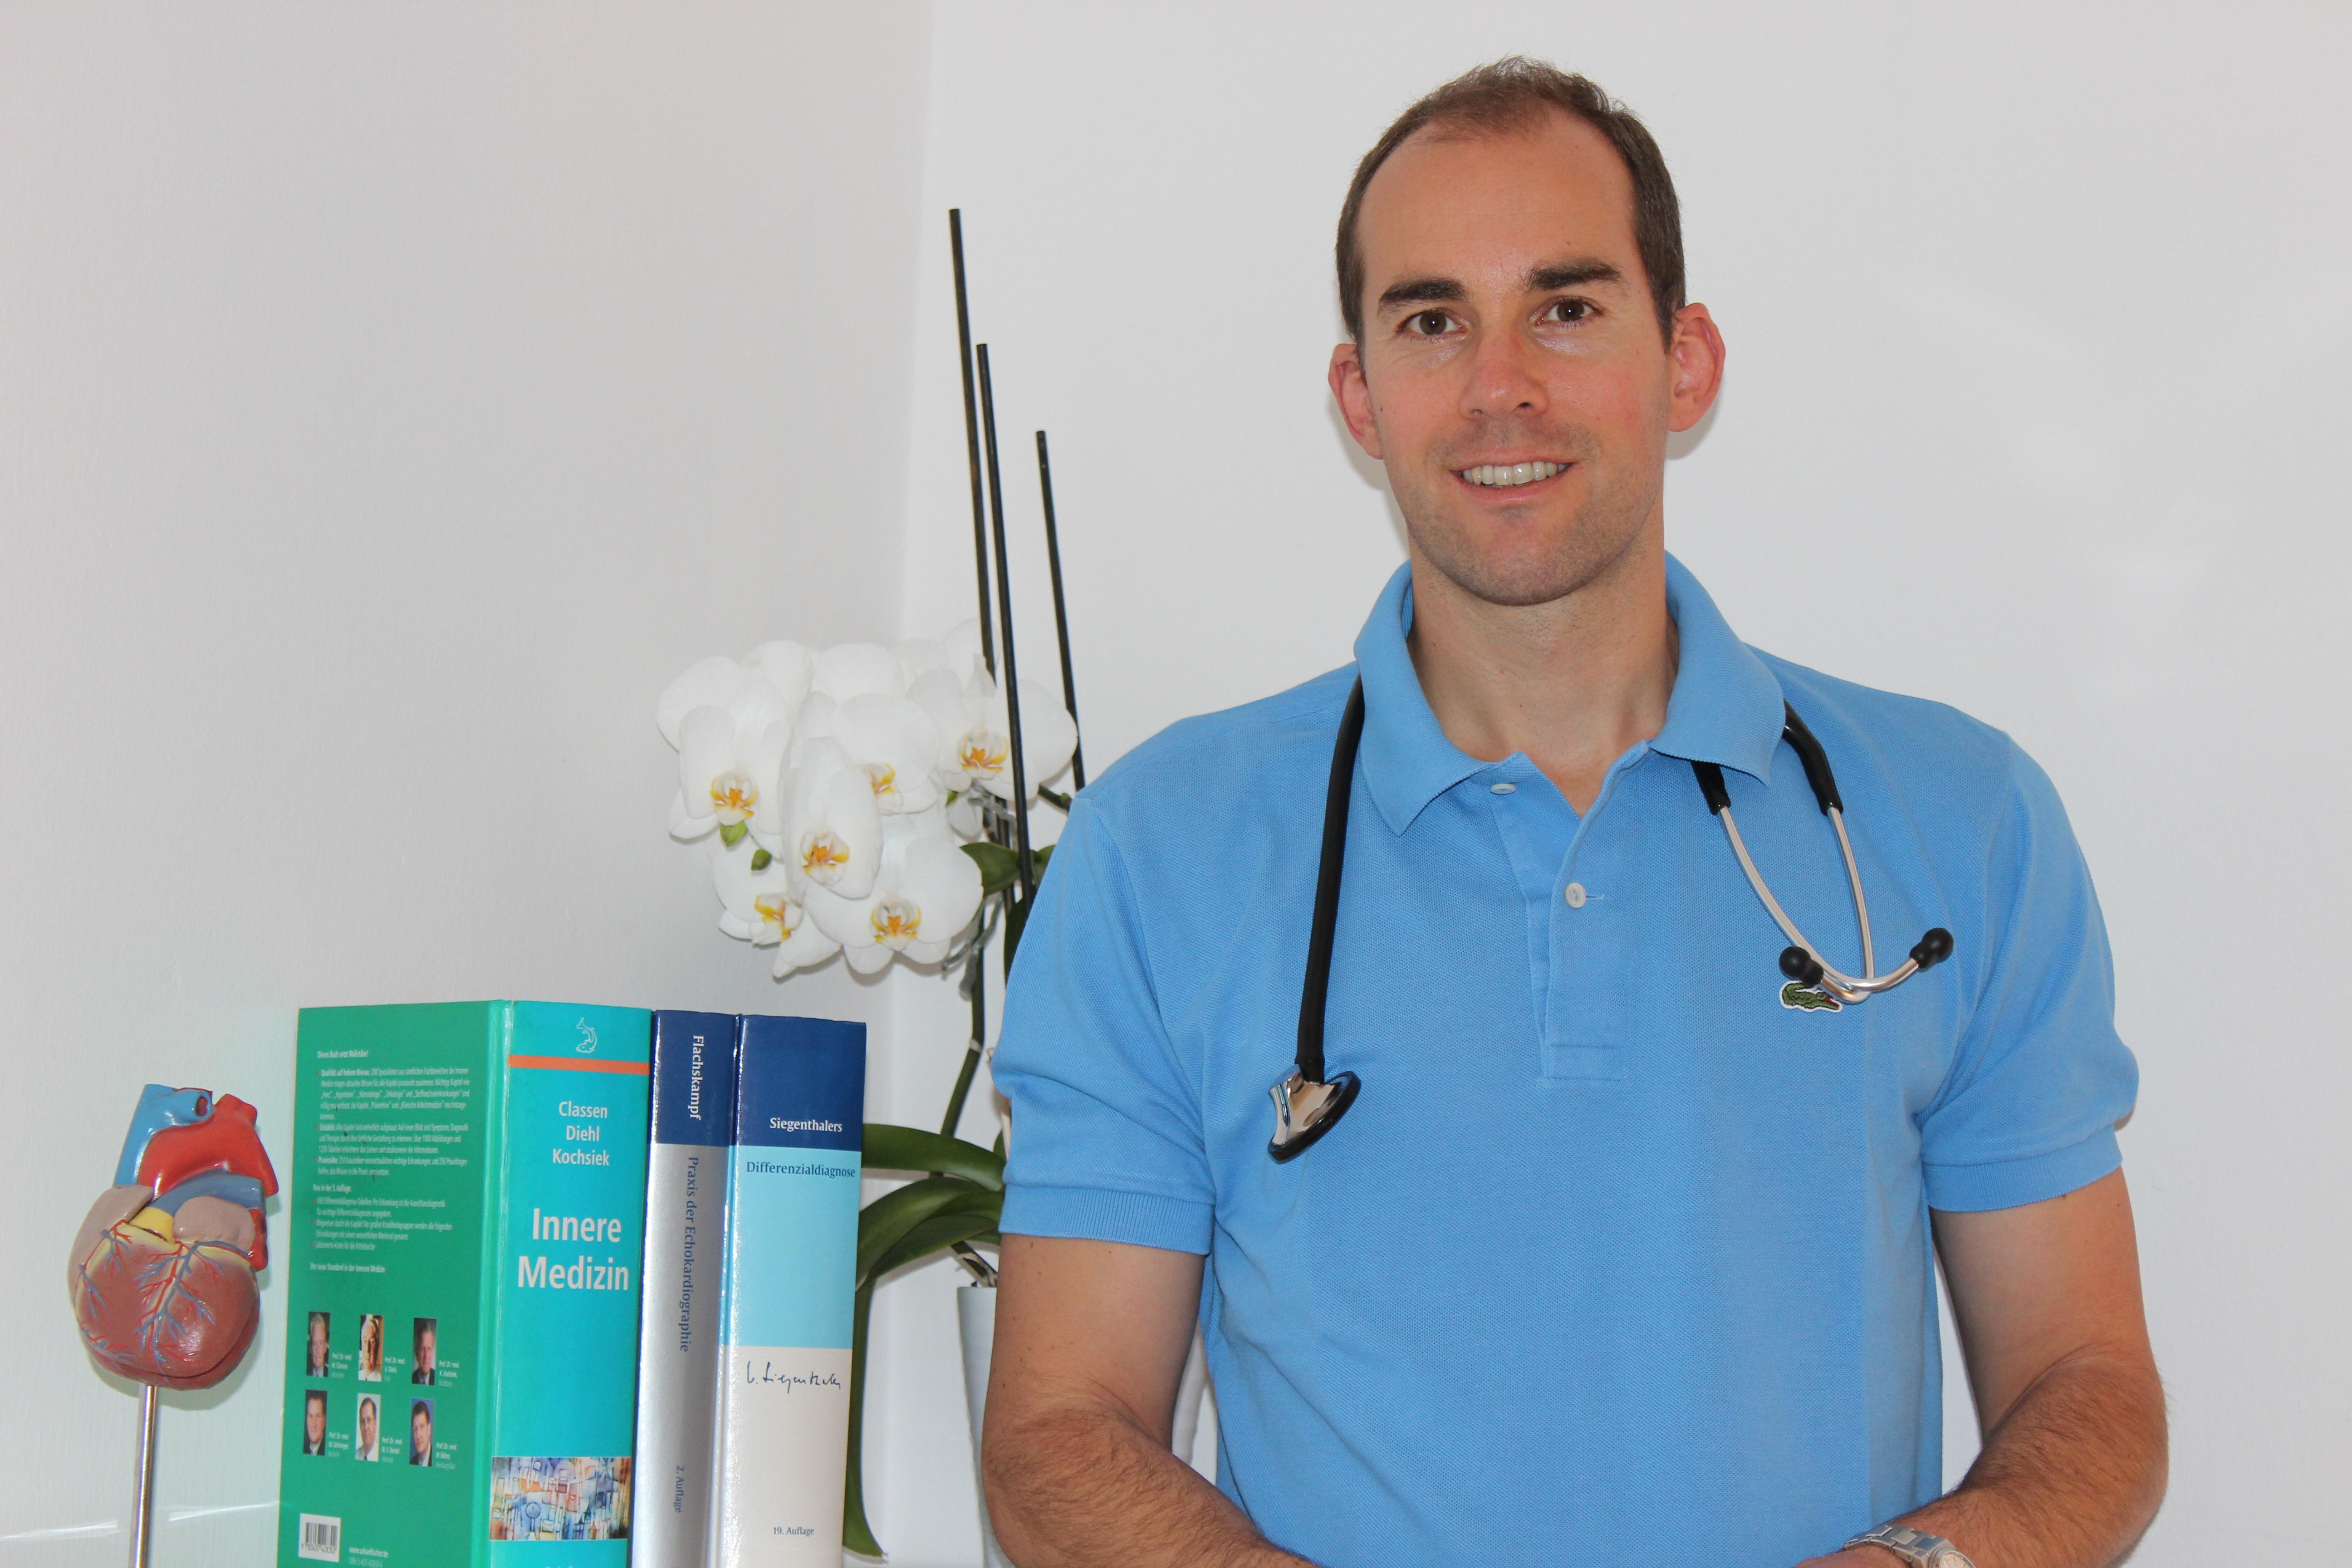 Dr. Nikolas Linasi